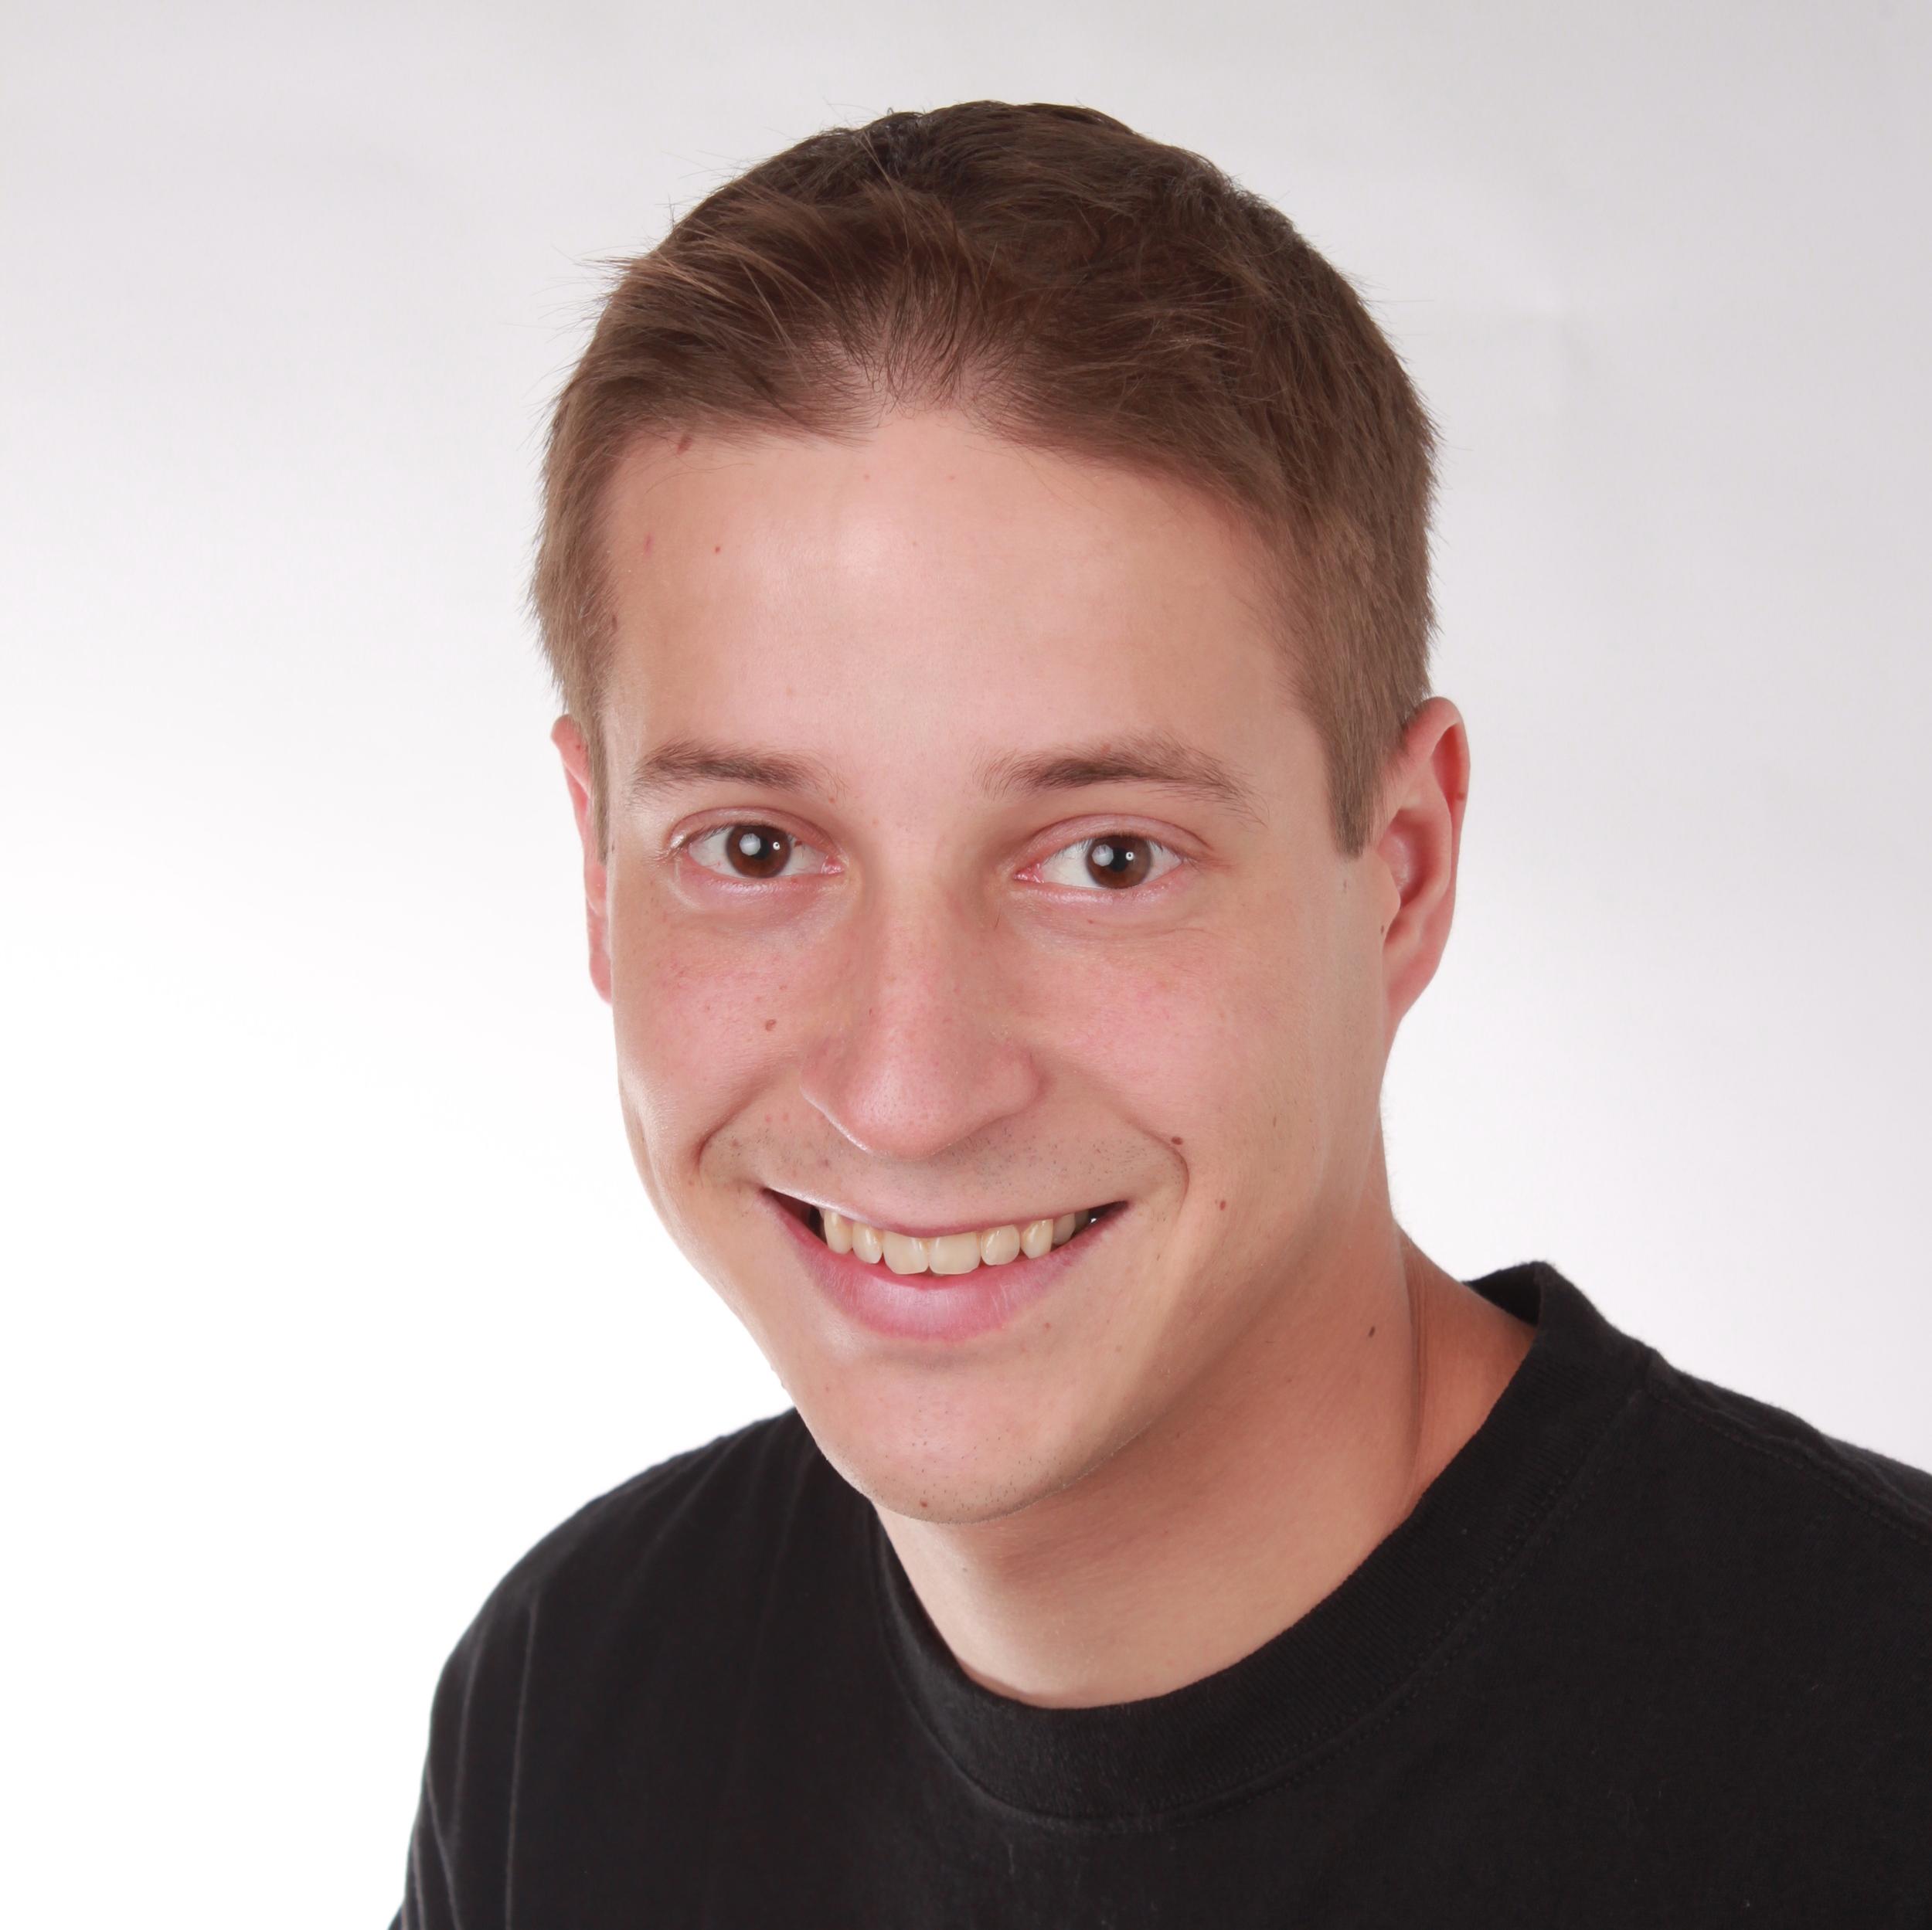 Dominik Kreidenitsch